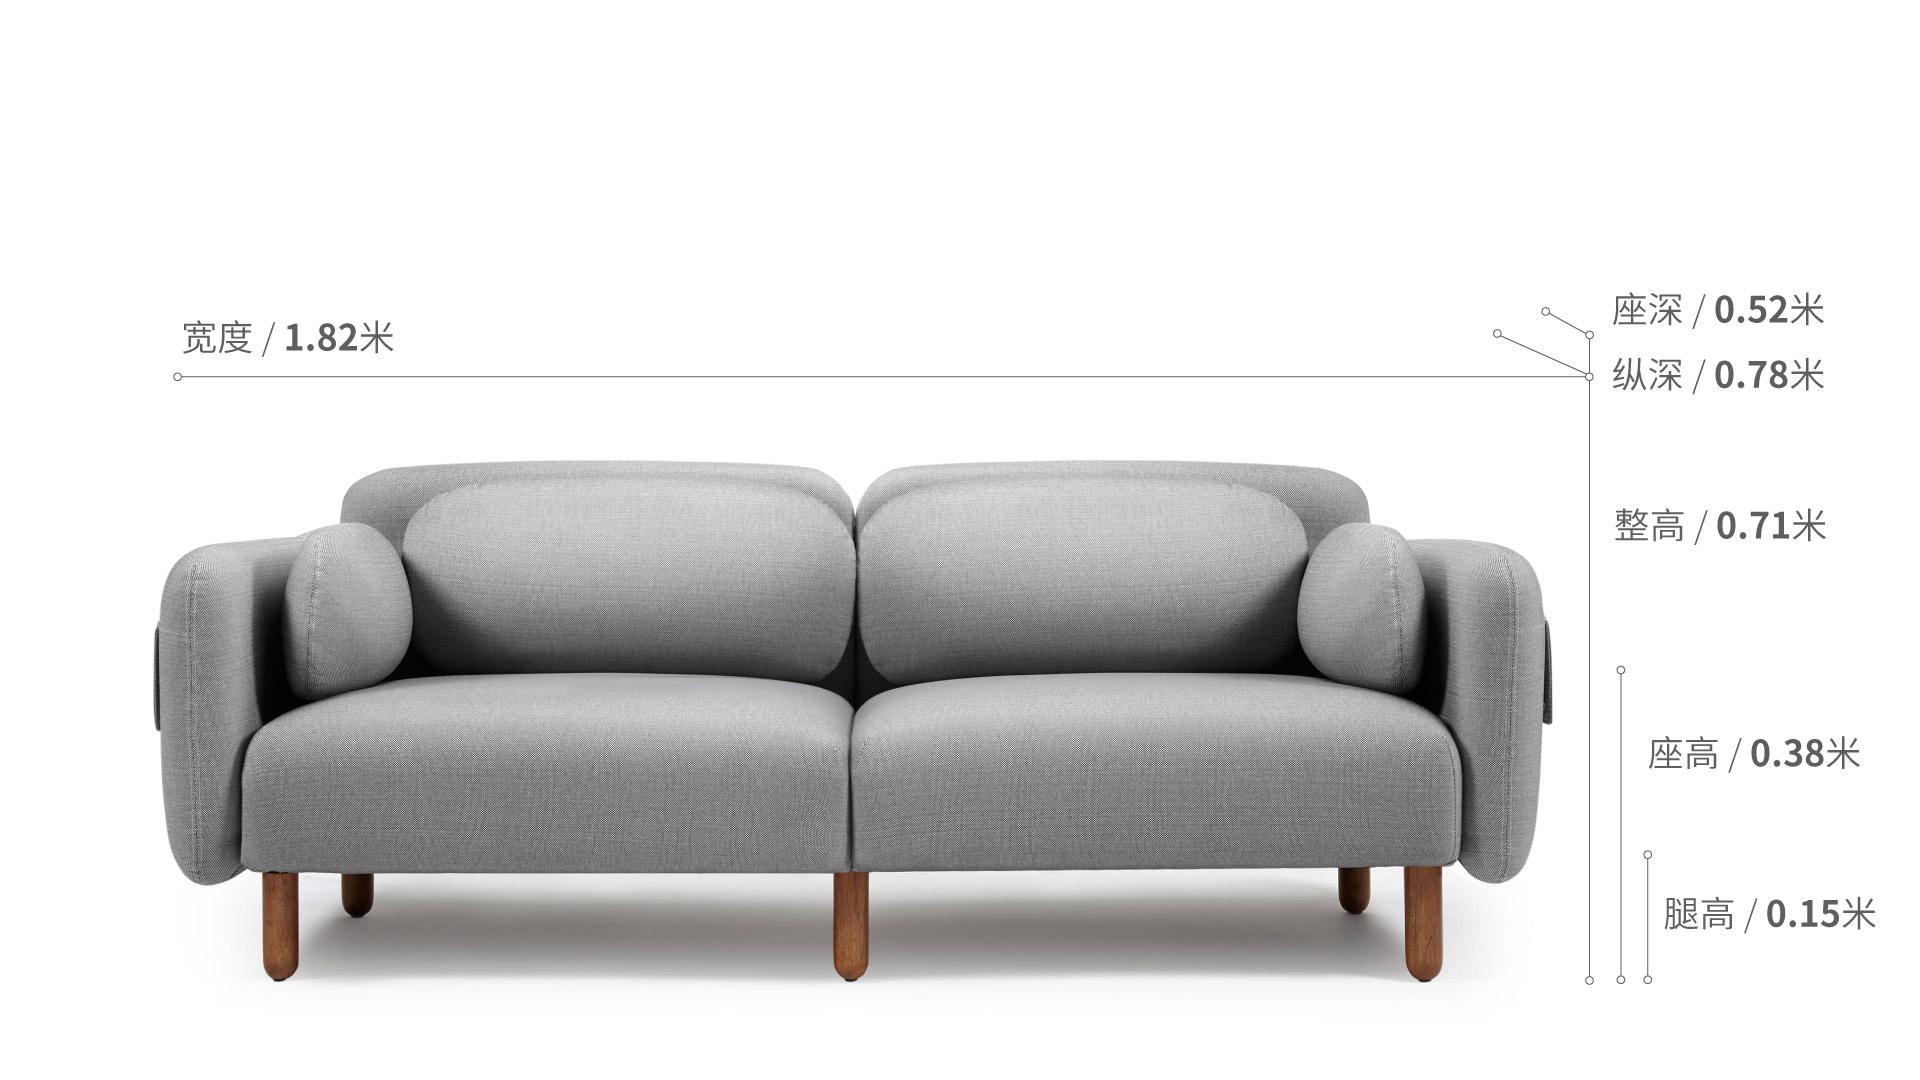 鹅卵石沙发双人座沙发效果图